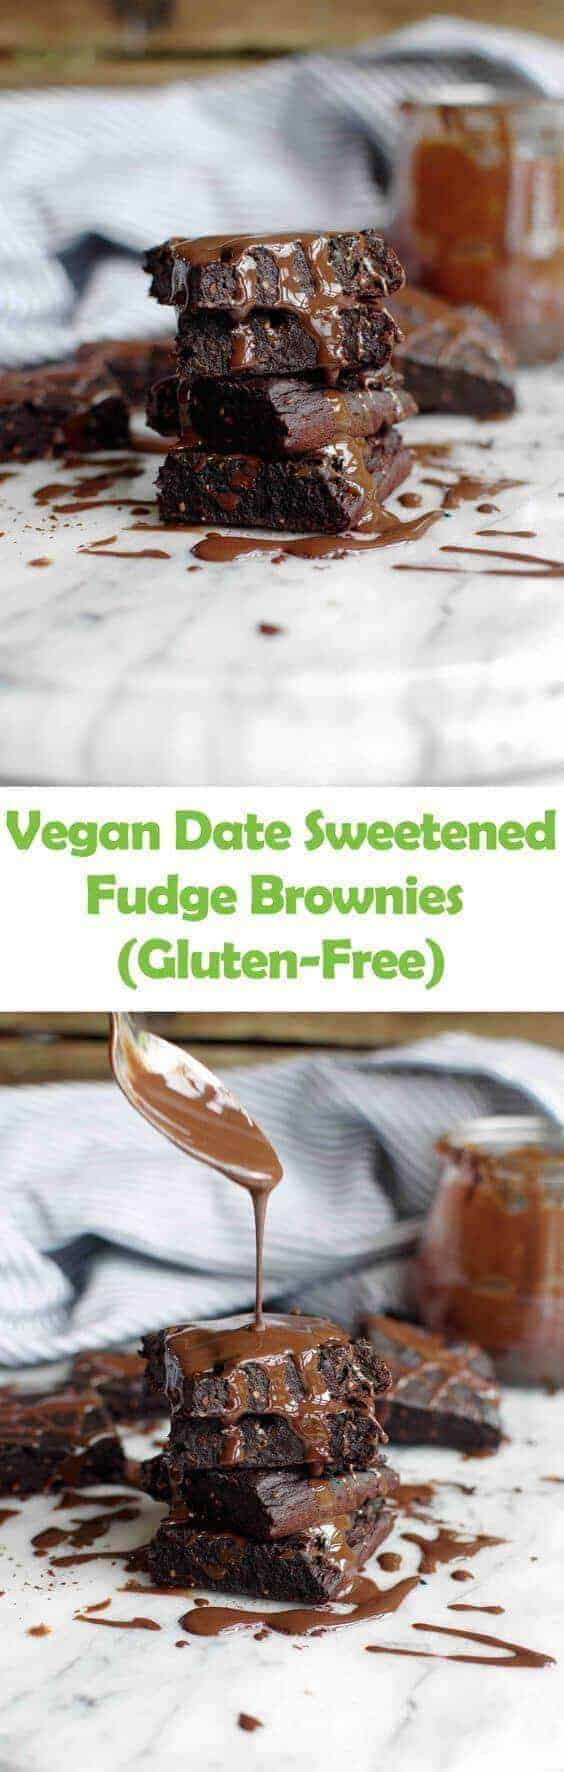 Vegan Date Sweetened Fudge Brownies